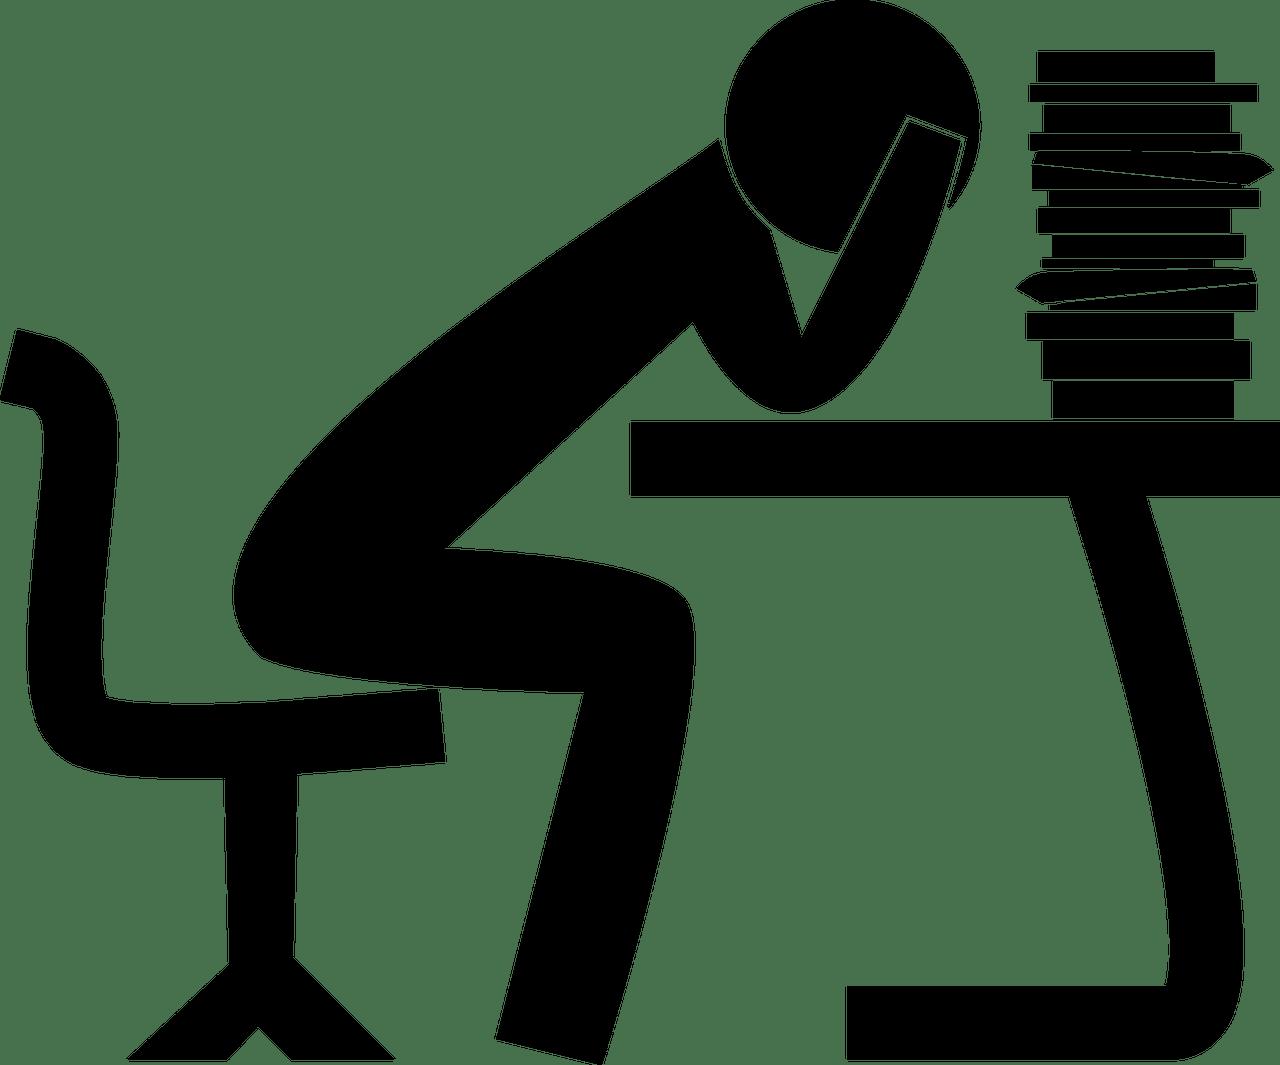 Compiti per le vacanze di Natale: lettera ai docenti | Noi Mamme